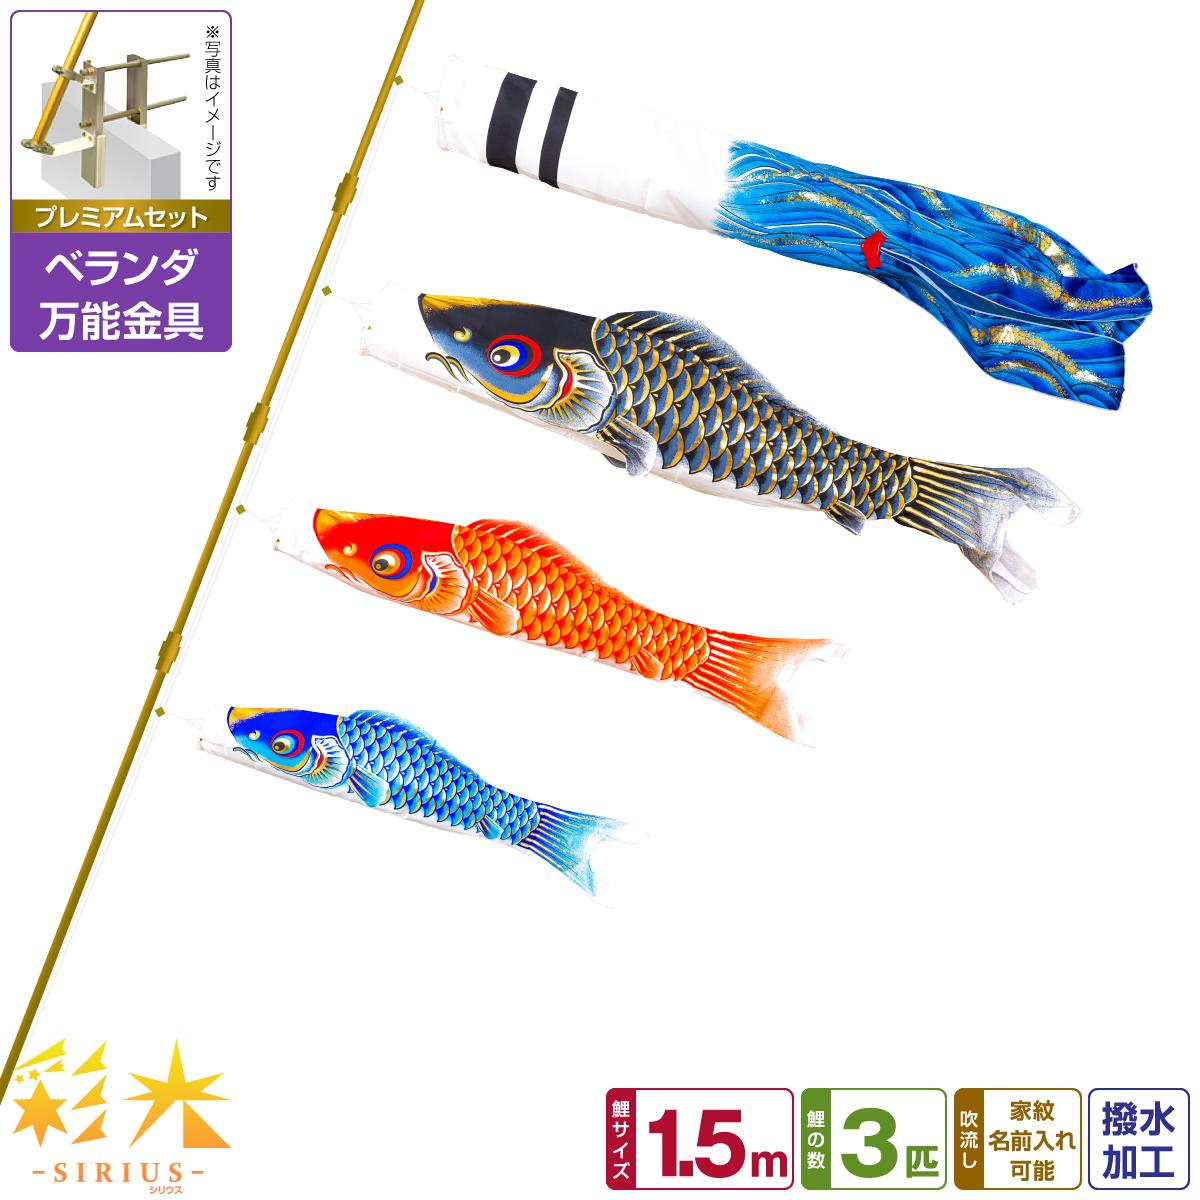 ベランダ用 こいのぼり 鯉のぼり SIRIUS/彩光鯉 1.5m 6点(吹流し+鯉3匹+矢車+ロープ)/プレミアムセット(万能取付金具)